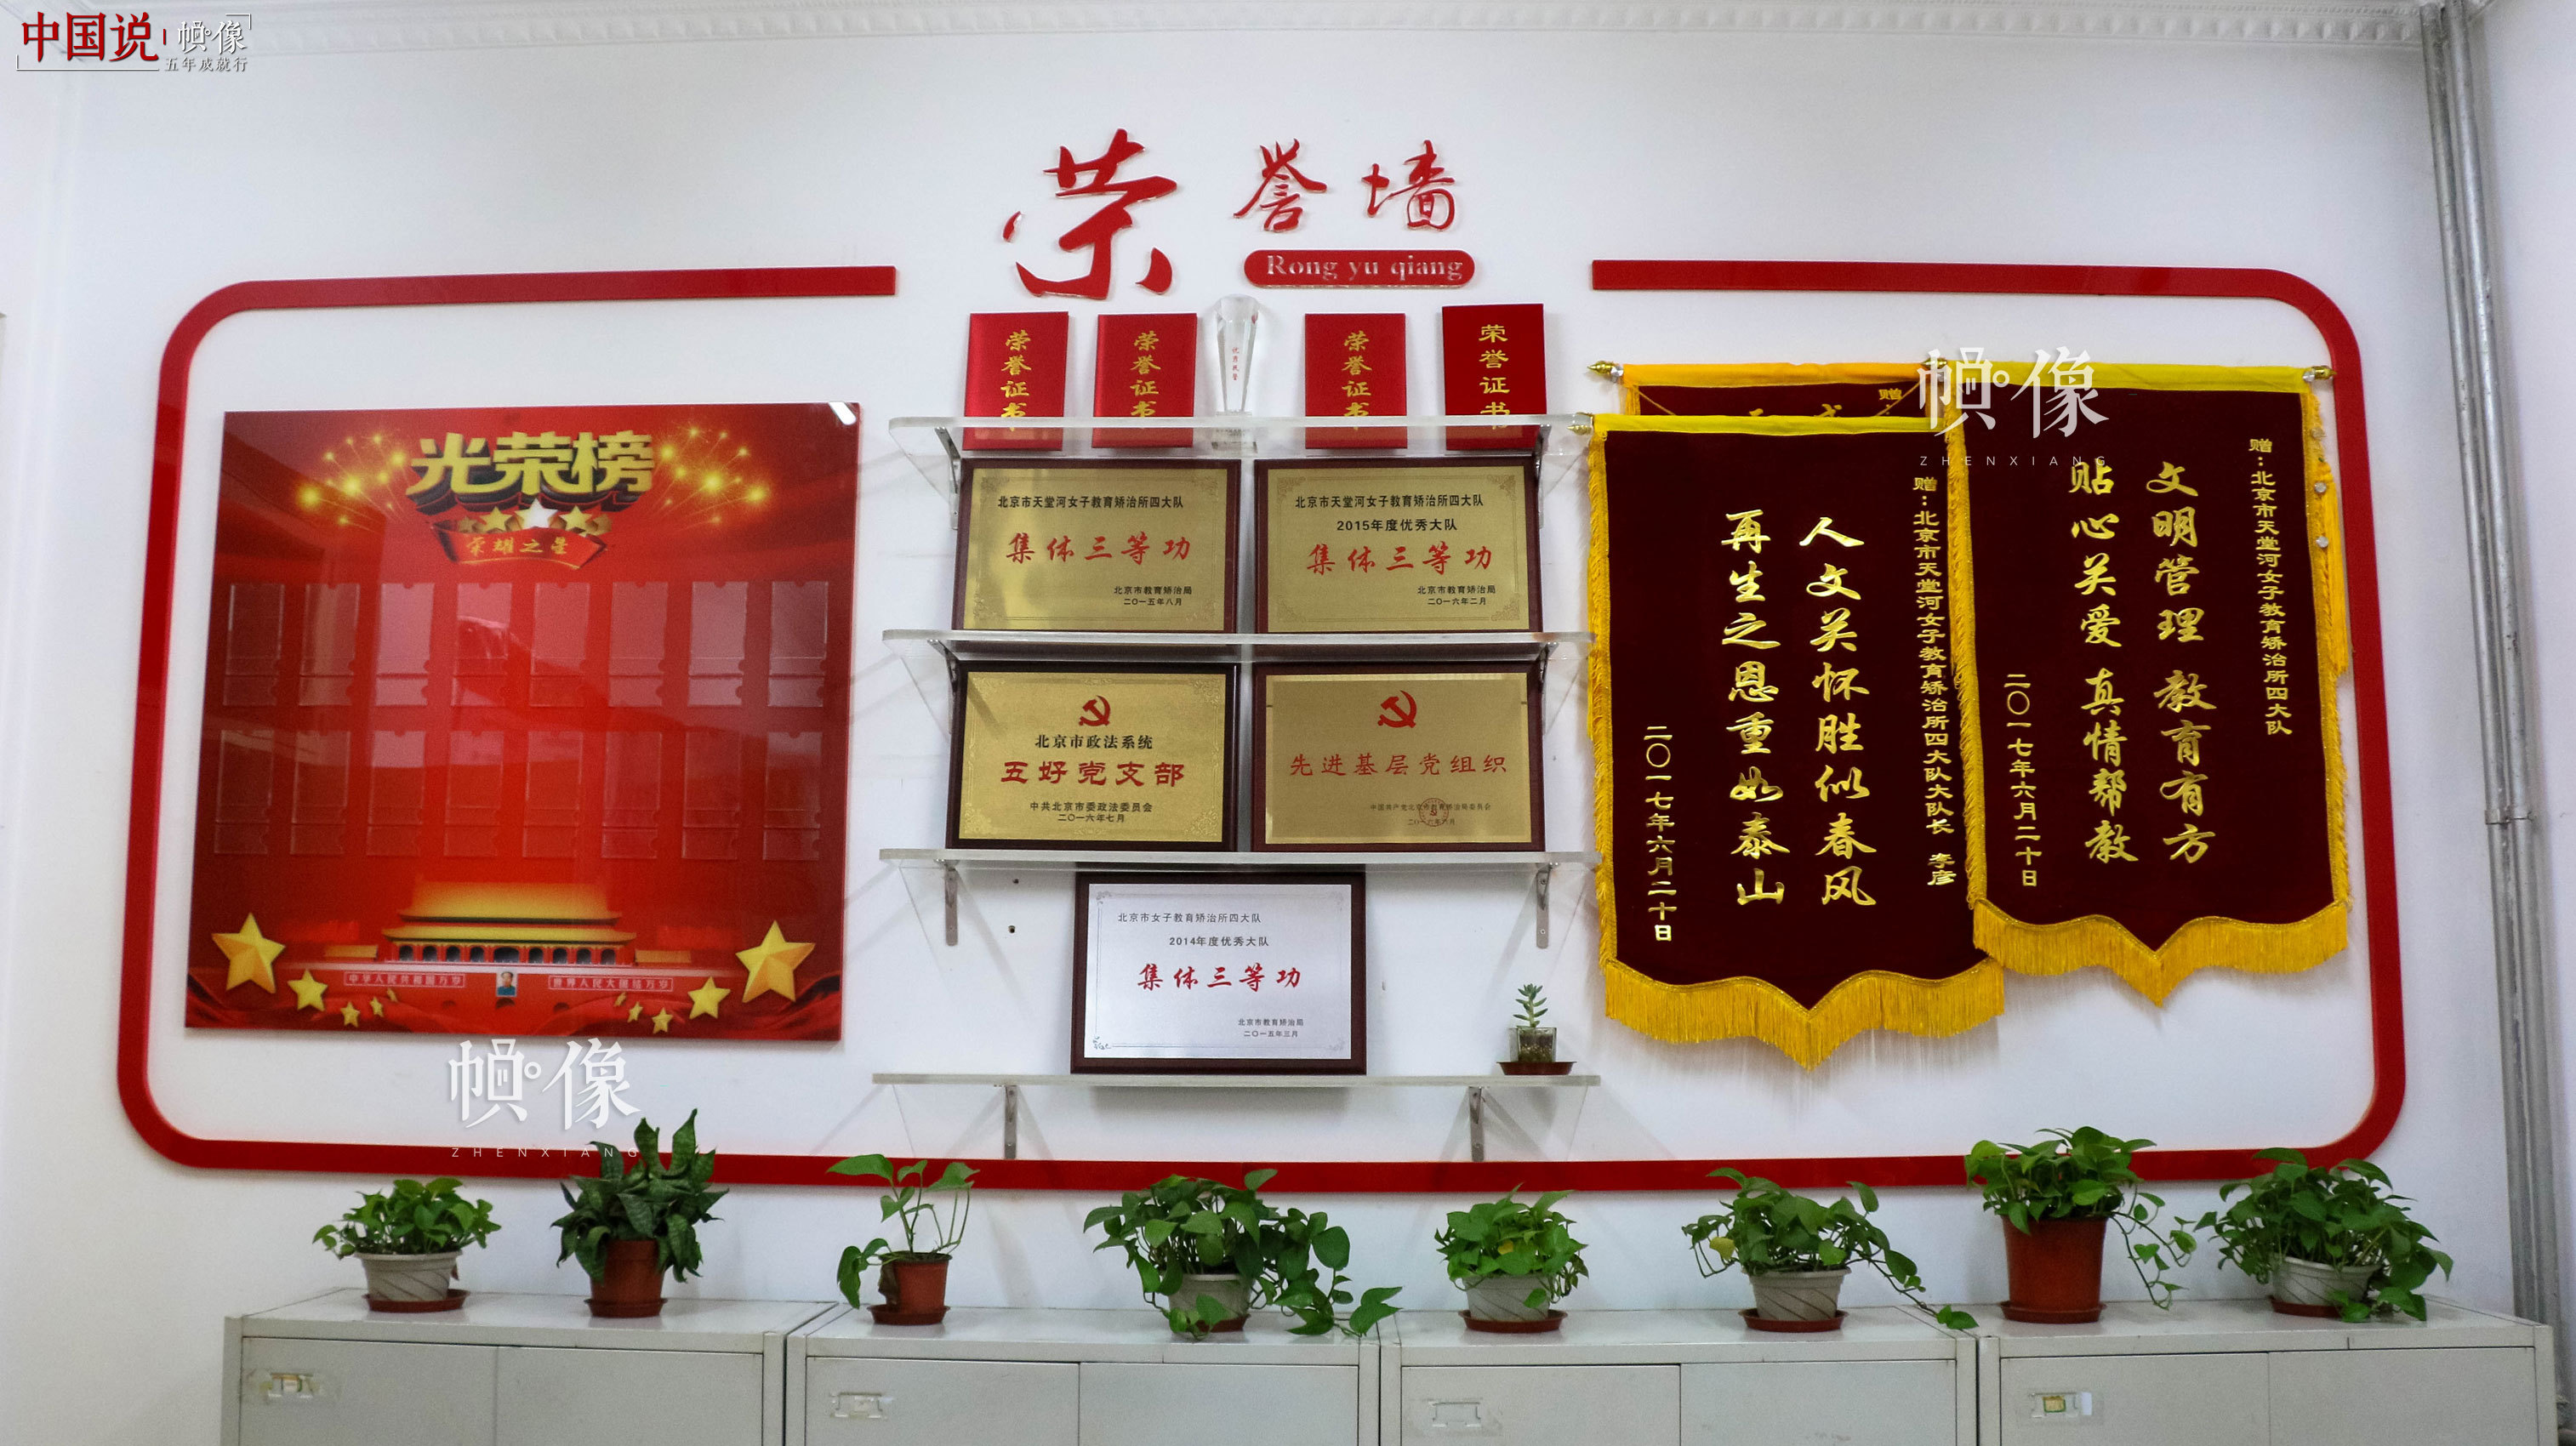 北京市天堂河女子教育矫治所四大队荣誉墙。中国网实习记者 朱珊杉 摄